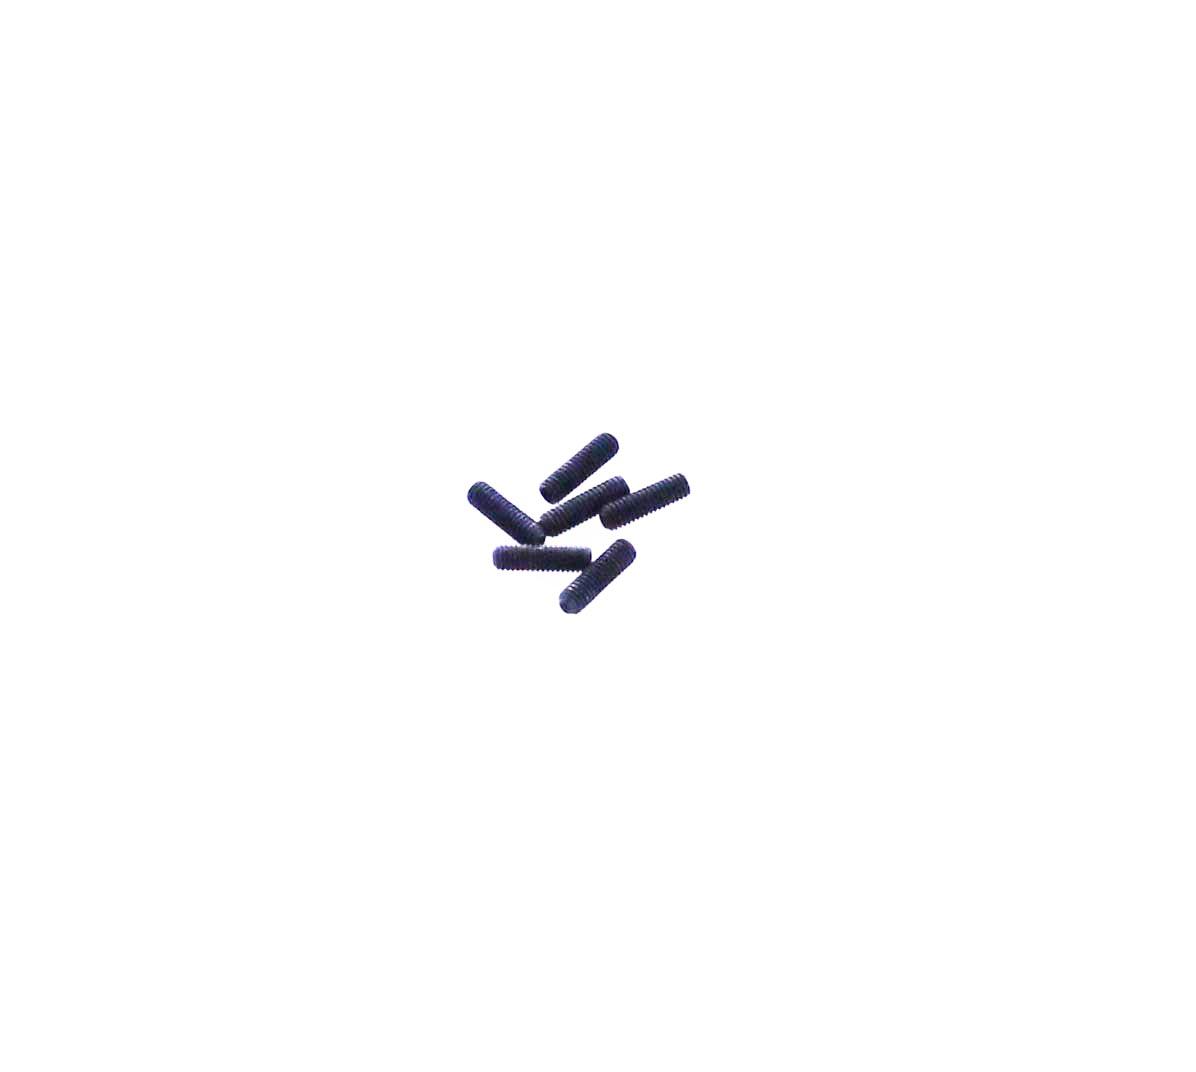 Šrouby M3 x 10 (6ks) pro Crawlery